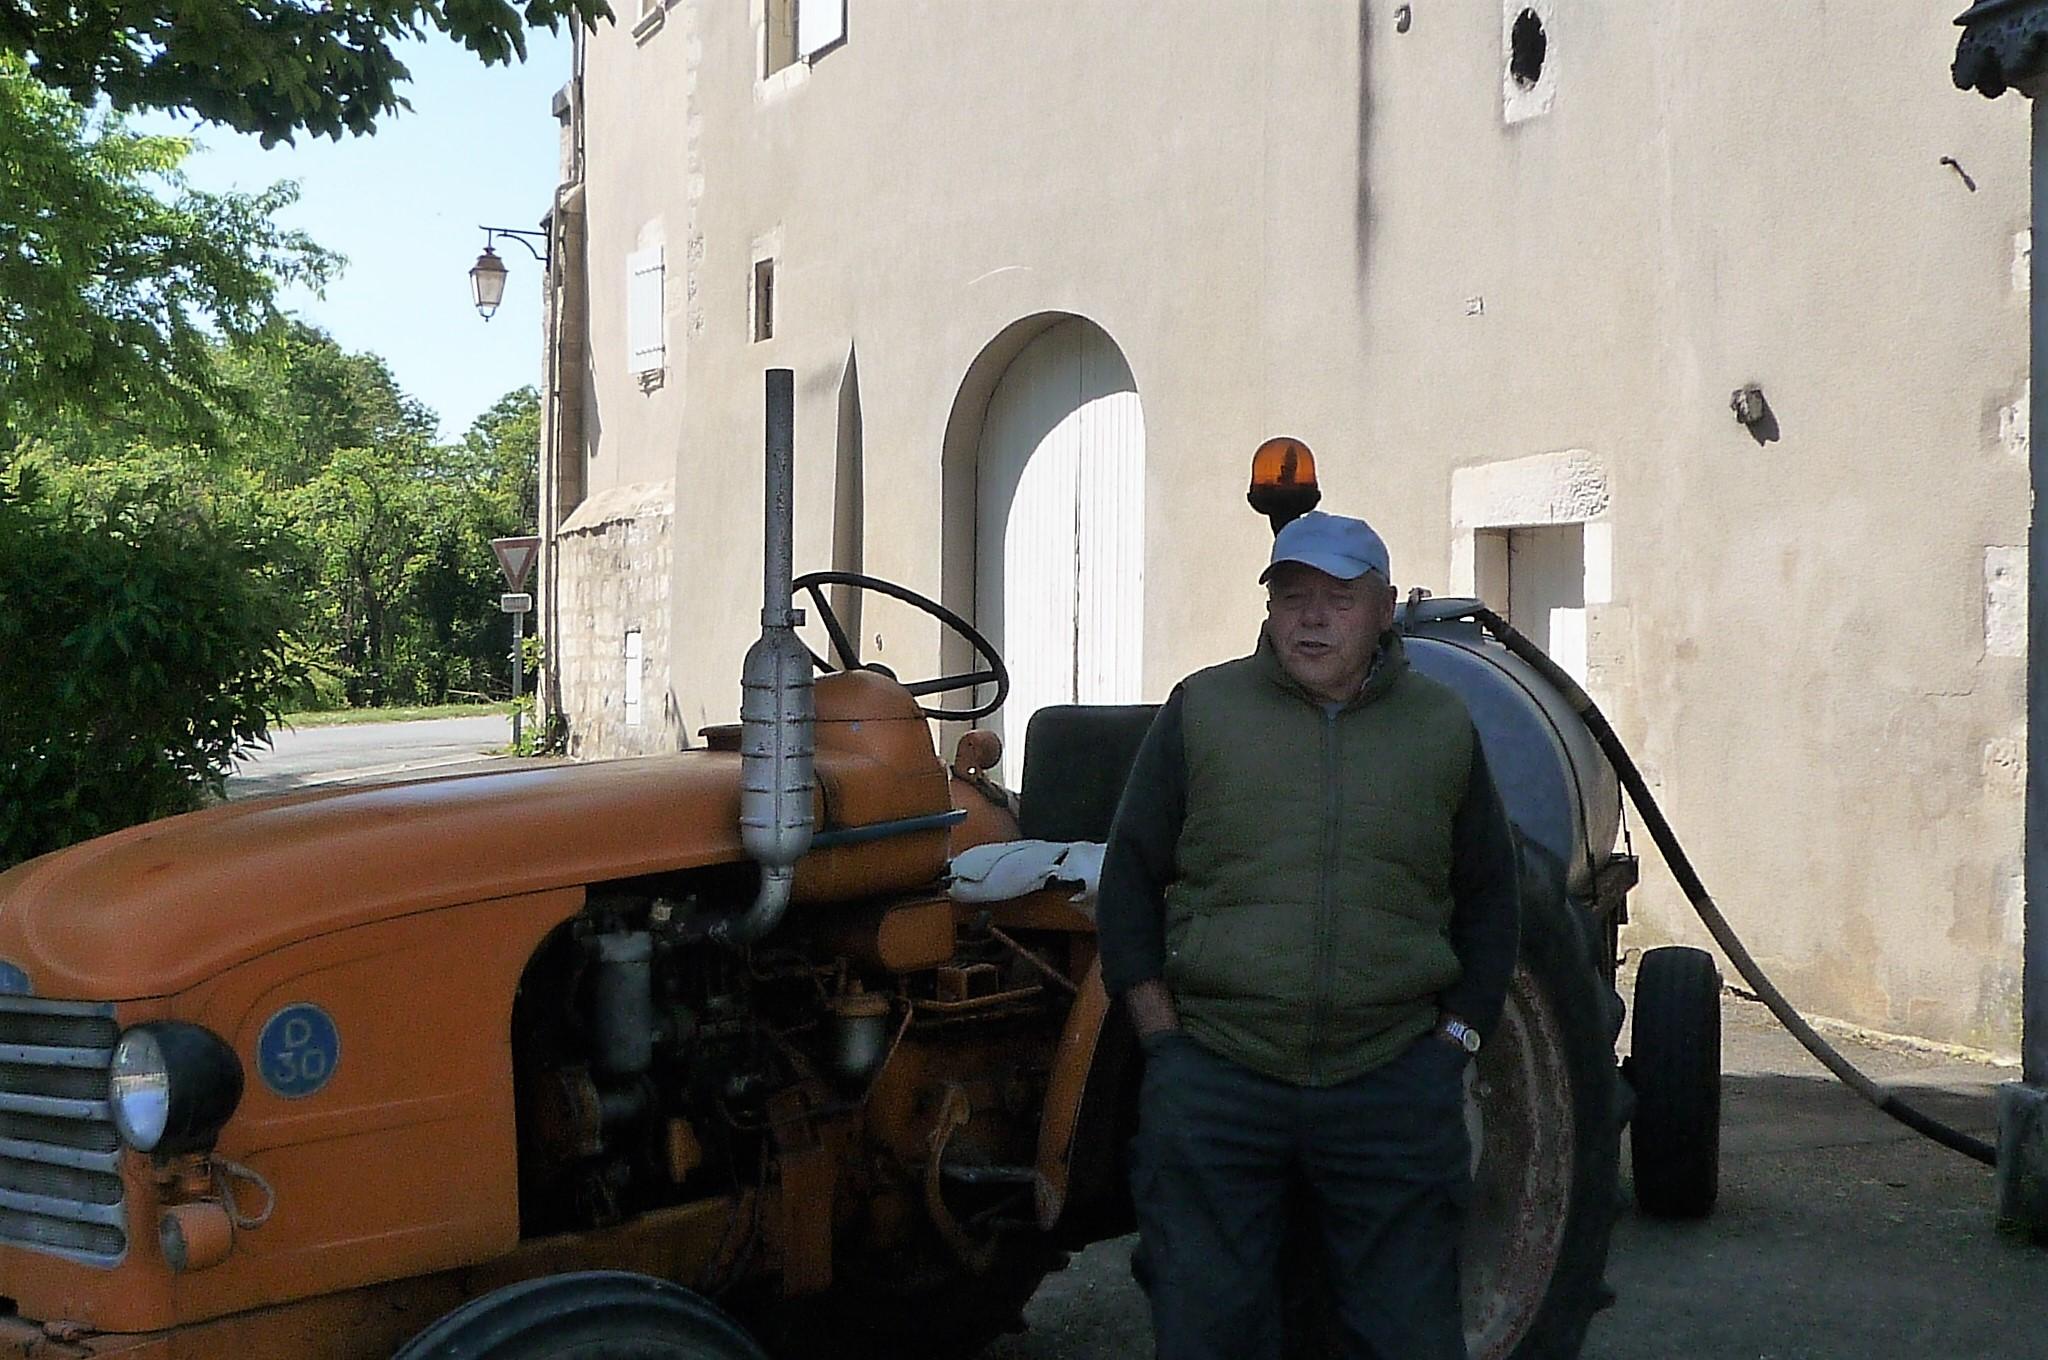 Maurice et son tracteur à Echallat